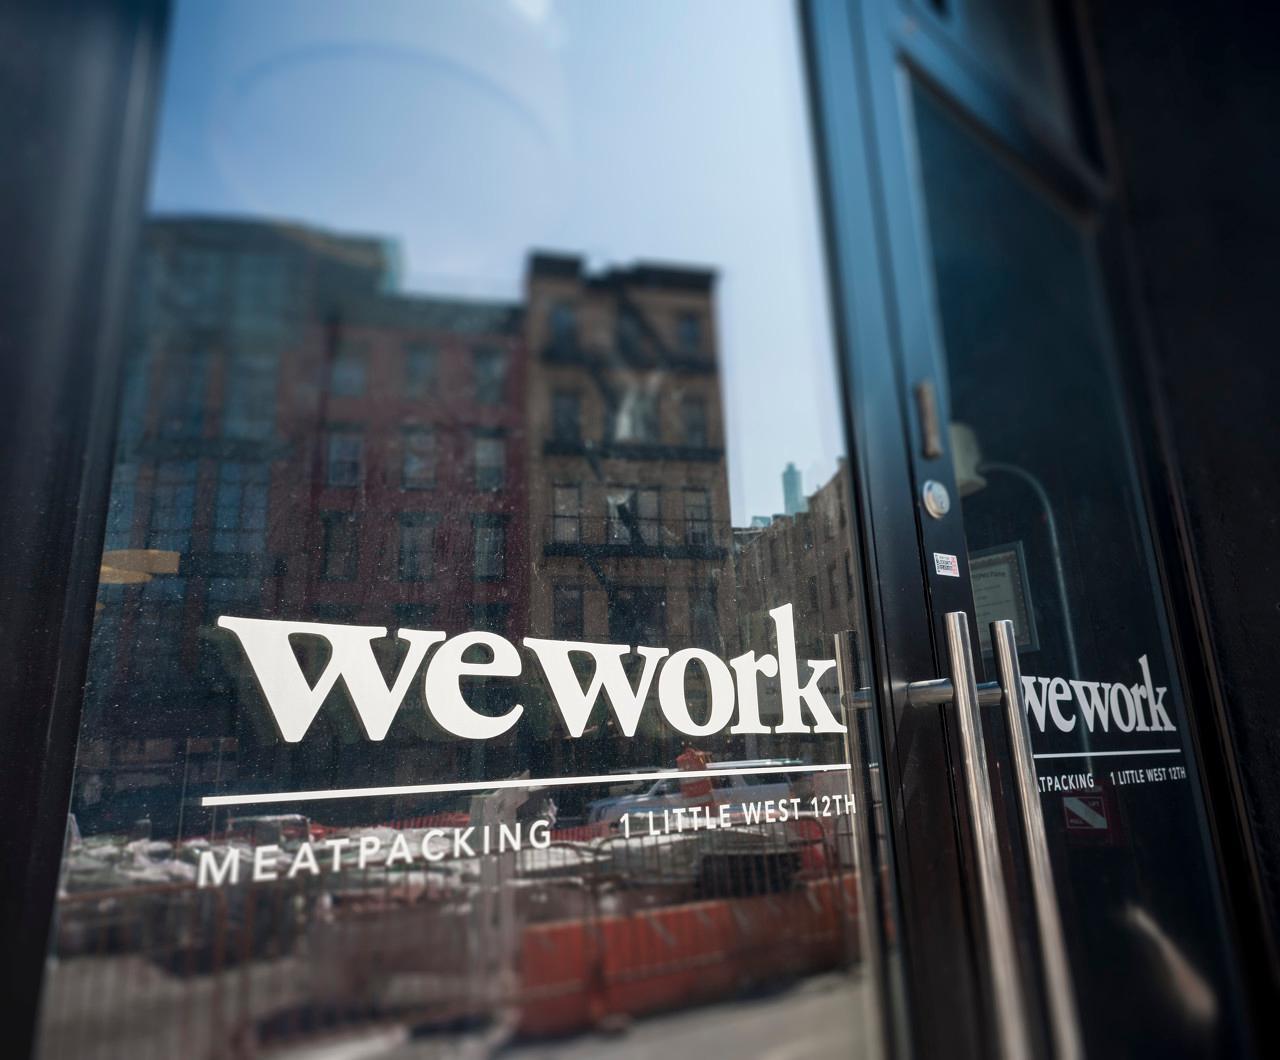 亏损超Uber!WeWork现在要以400多亿美元估值上市了